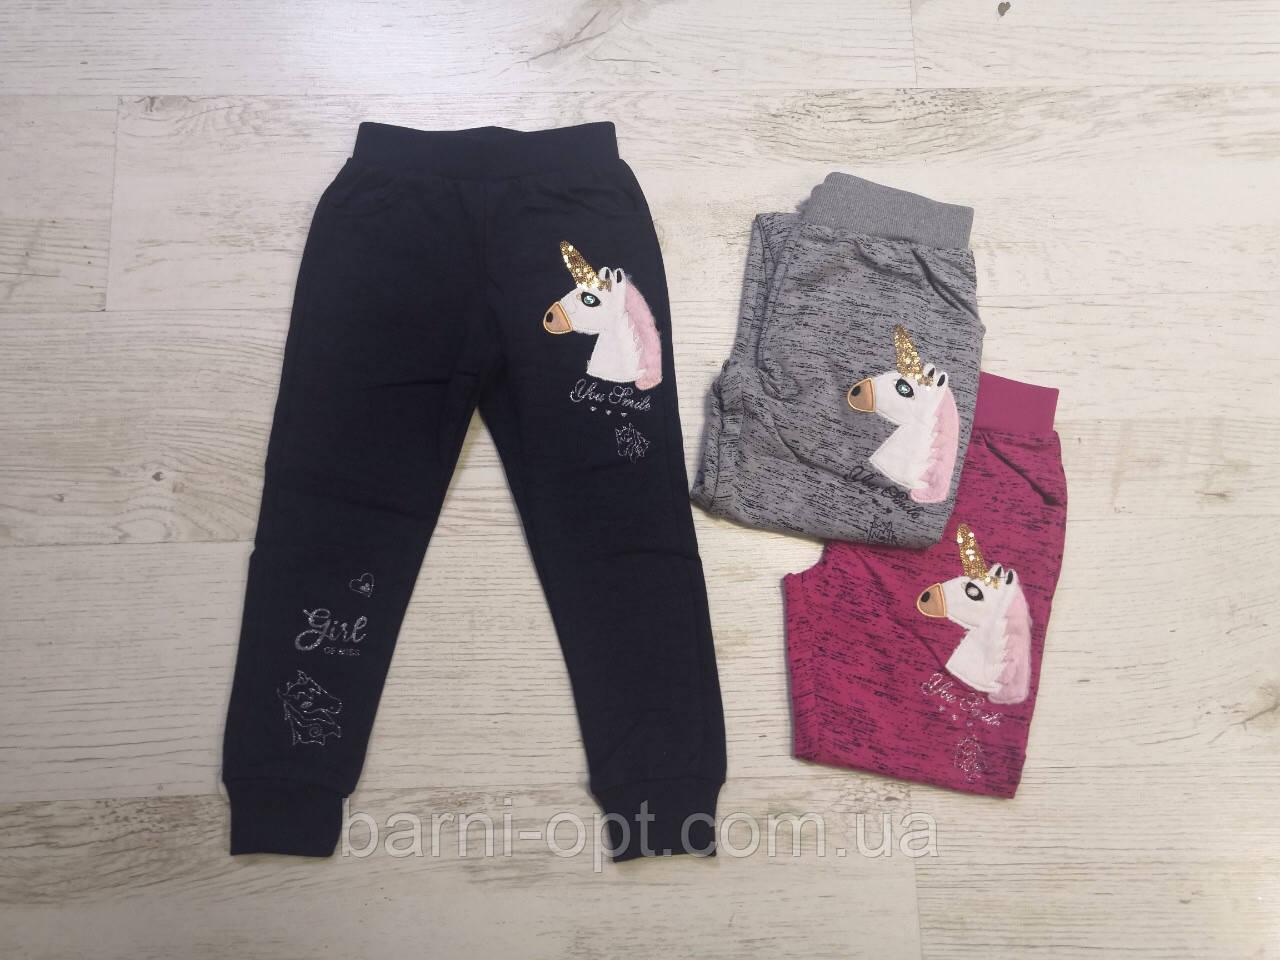 Спортивные брюки для девочек оптом, Seagull, 98-128 рр